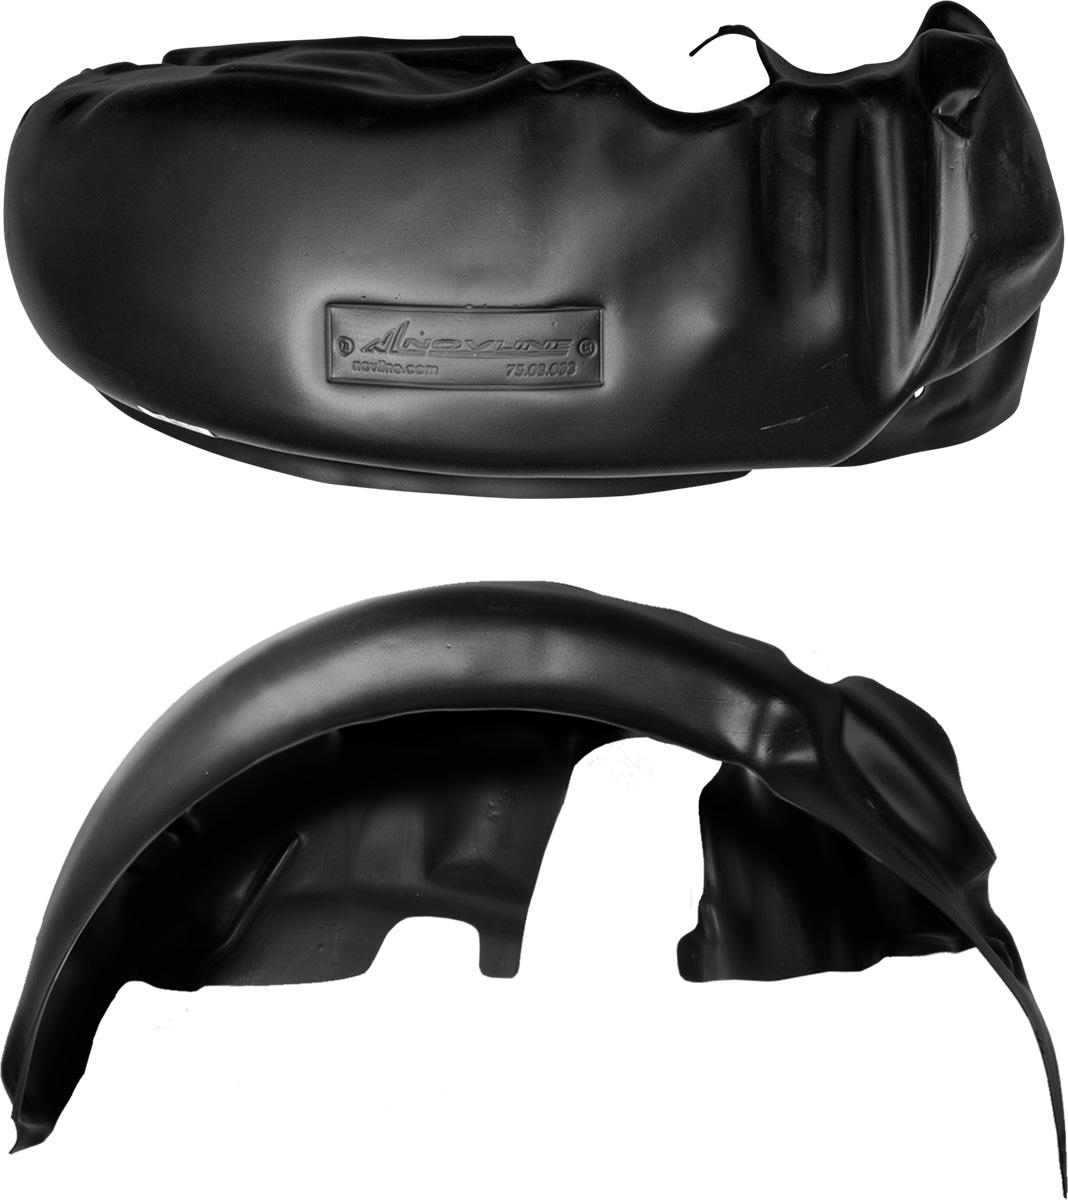 Подкрылок Novline-Autofamily, для Daewoo Nexia 1995-2007, 2007 -> (задний левый)2103Подкрылок выполнен из высококачественного, экологически чистого пластика. Обеспечивает надежную защиту кузова автомобиля от пескоструйного эффекта и негативного влияния, агрессивных антигололедных реагентов. Пластик обладает более низкой теплопроводностью, чем металл, поэтому в зимний период эксплуатации использование пластиковых подкрылков позволяет лучше защитить колесные ниши от налипания снега и образования наледи. Оригинальность конструкции подчеркивает элегантность автомобиля, бережно защищает нанесенное на днище кузова антикоррозийное покрытие и позволяет осуществить крепление подкрылка внутри колесной арки практически без дополнительного крепежа и сверления, не нарушая при этом лакокрасочного покрытия, что предотвращает возникновение новых очагов коррозии. Технология крепления подкрылка на иномарки принципиально отличается от крепления на российские автомобили и разрабатывается индивидуально для каждой модели автомобиля. Подкрылок долговечен, обладает высокой прочностью и сохраняет заданную форму, а также все свои физико-механические характеристики в самых тяжелых климатических условиях ( от -50° С до + 50° С).